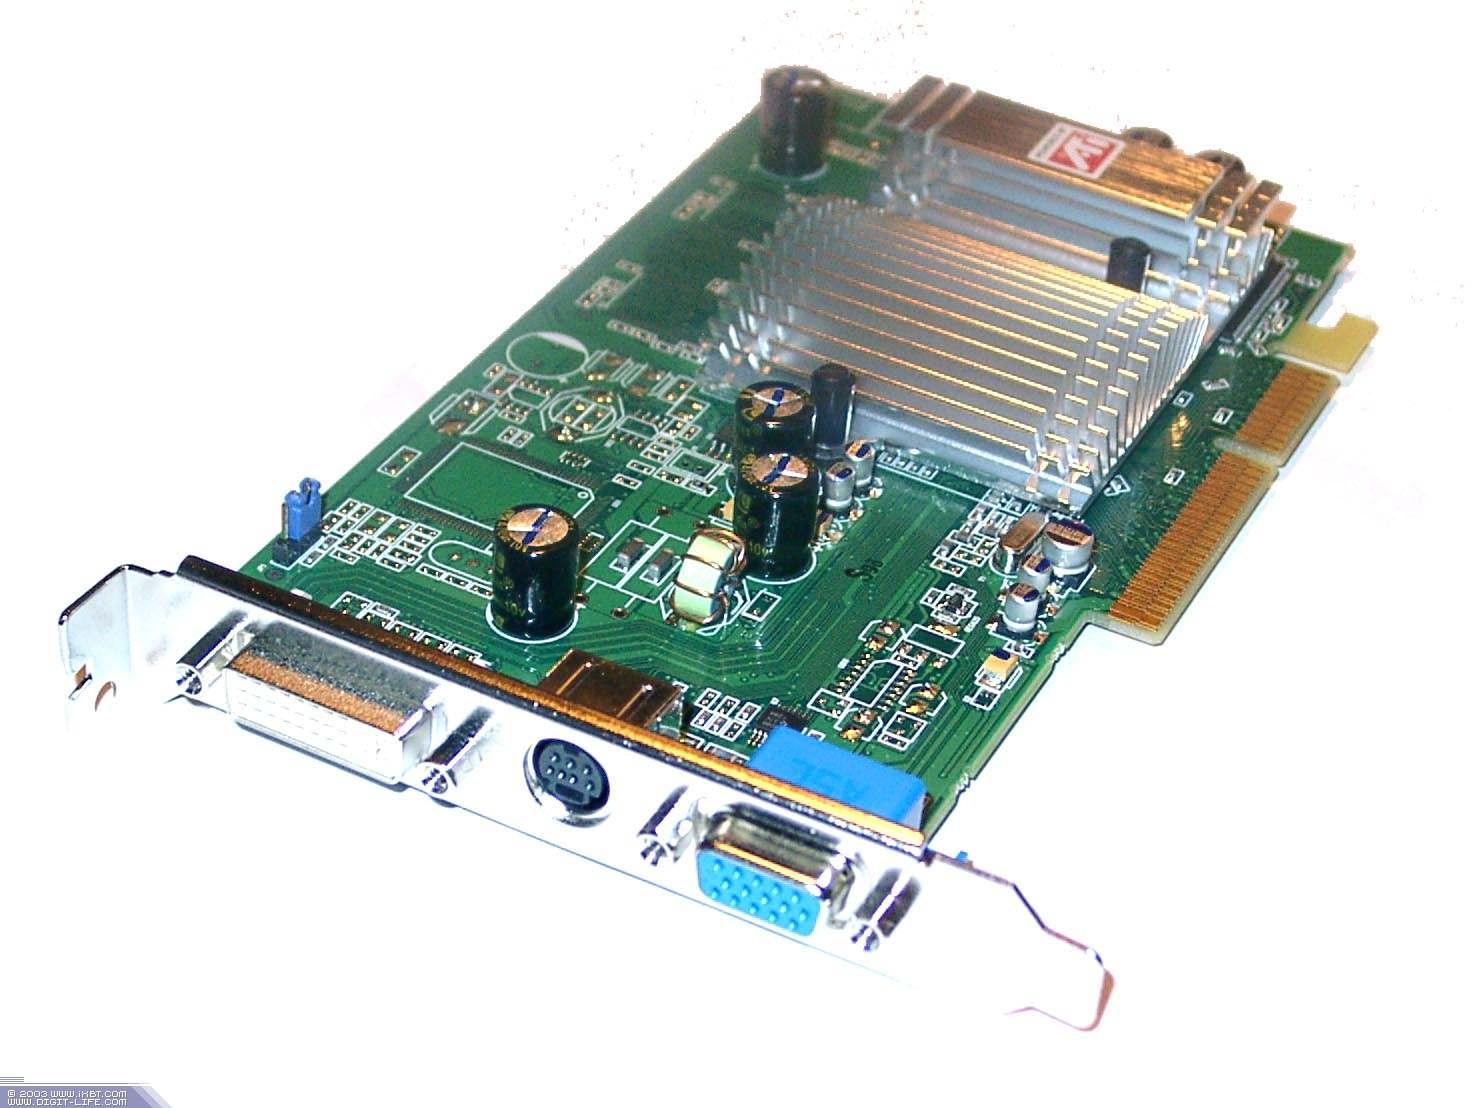 Radeon 9600 128mb драйвер скачать бесплатно